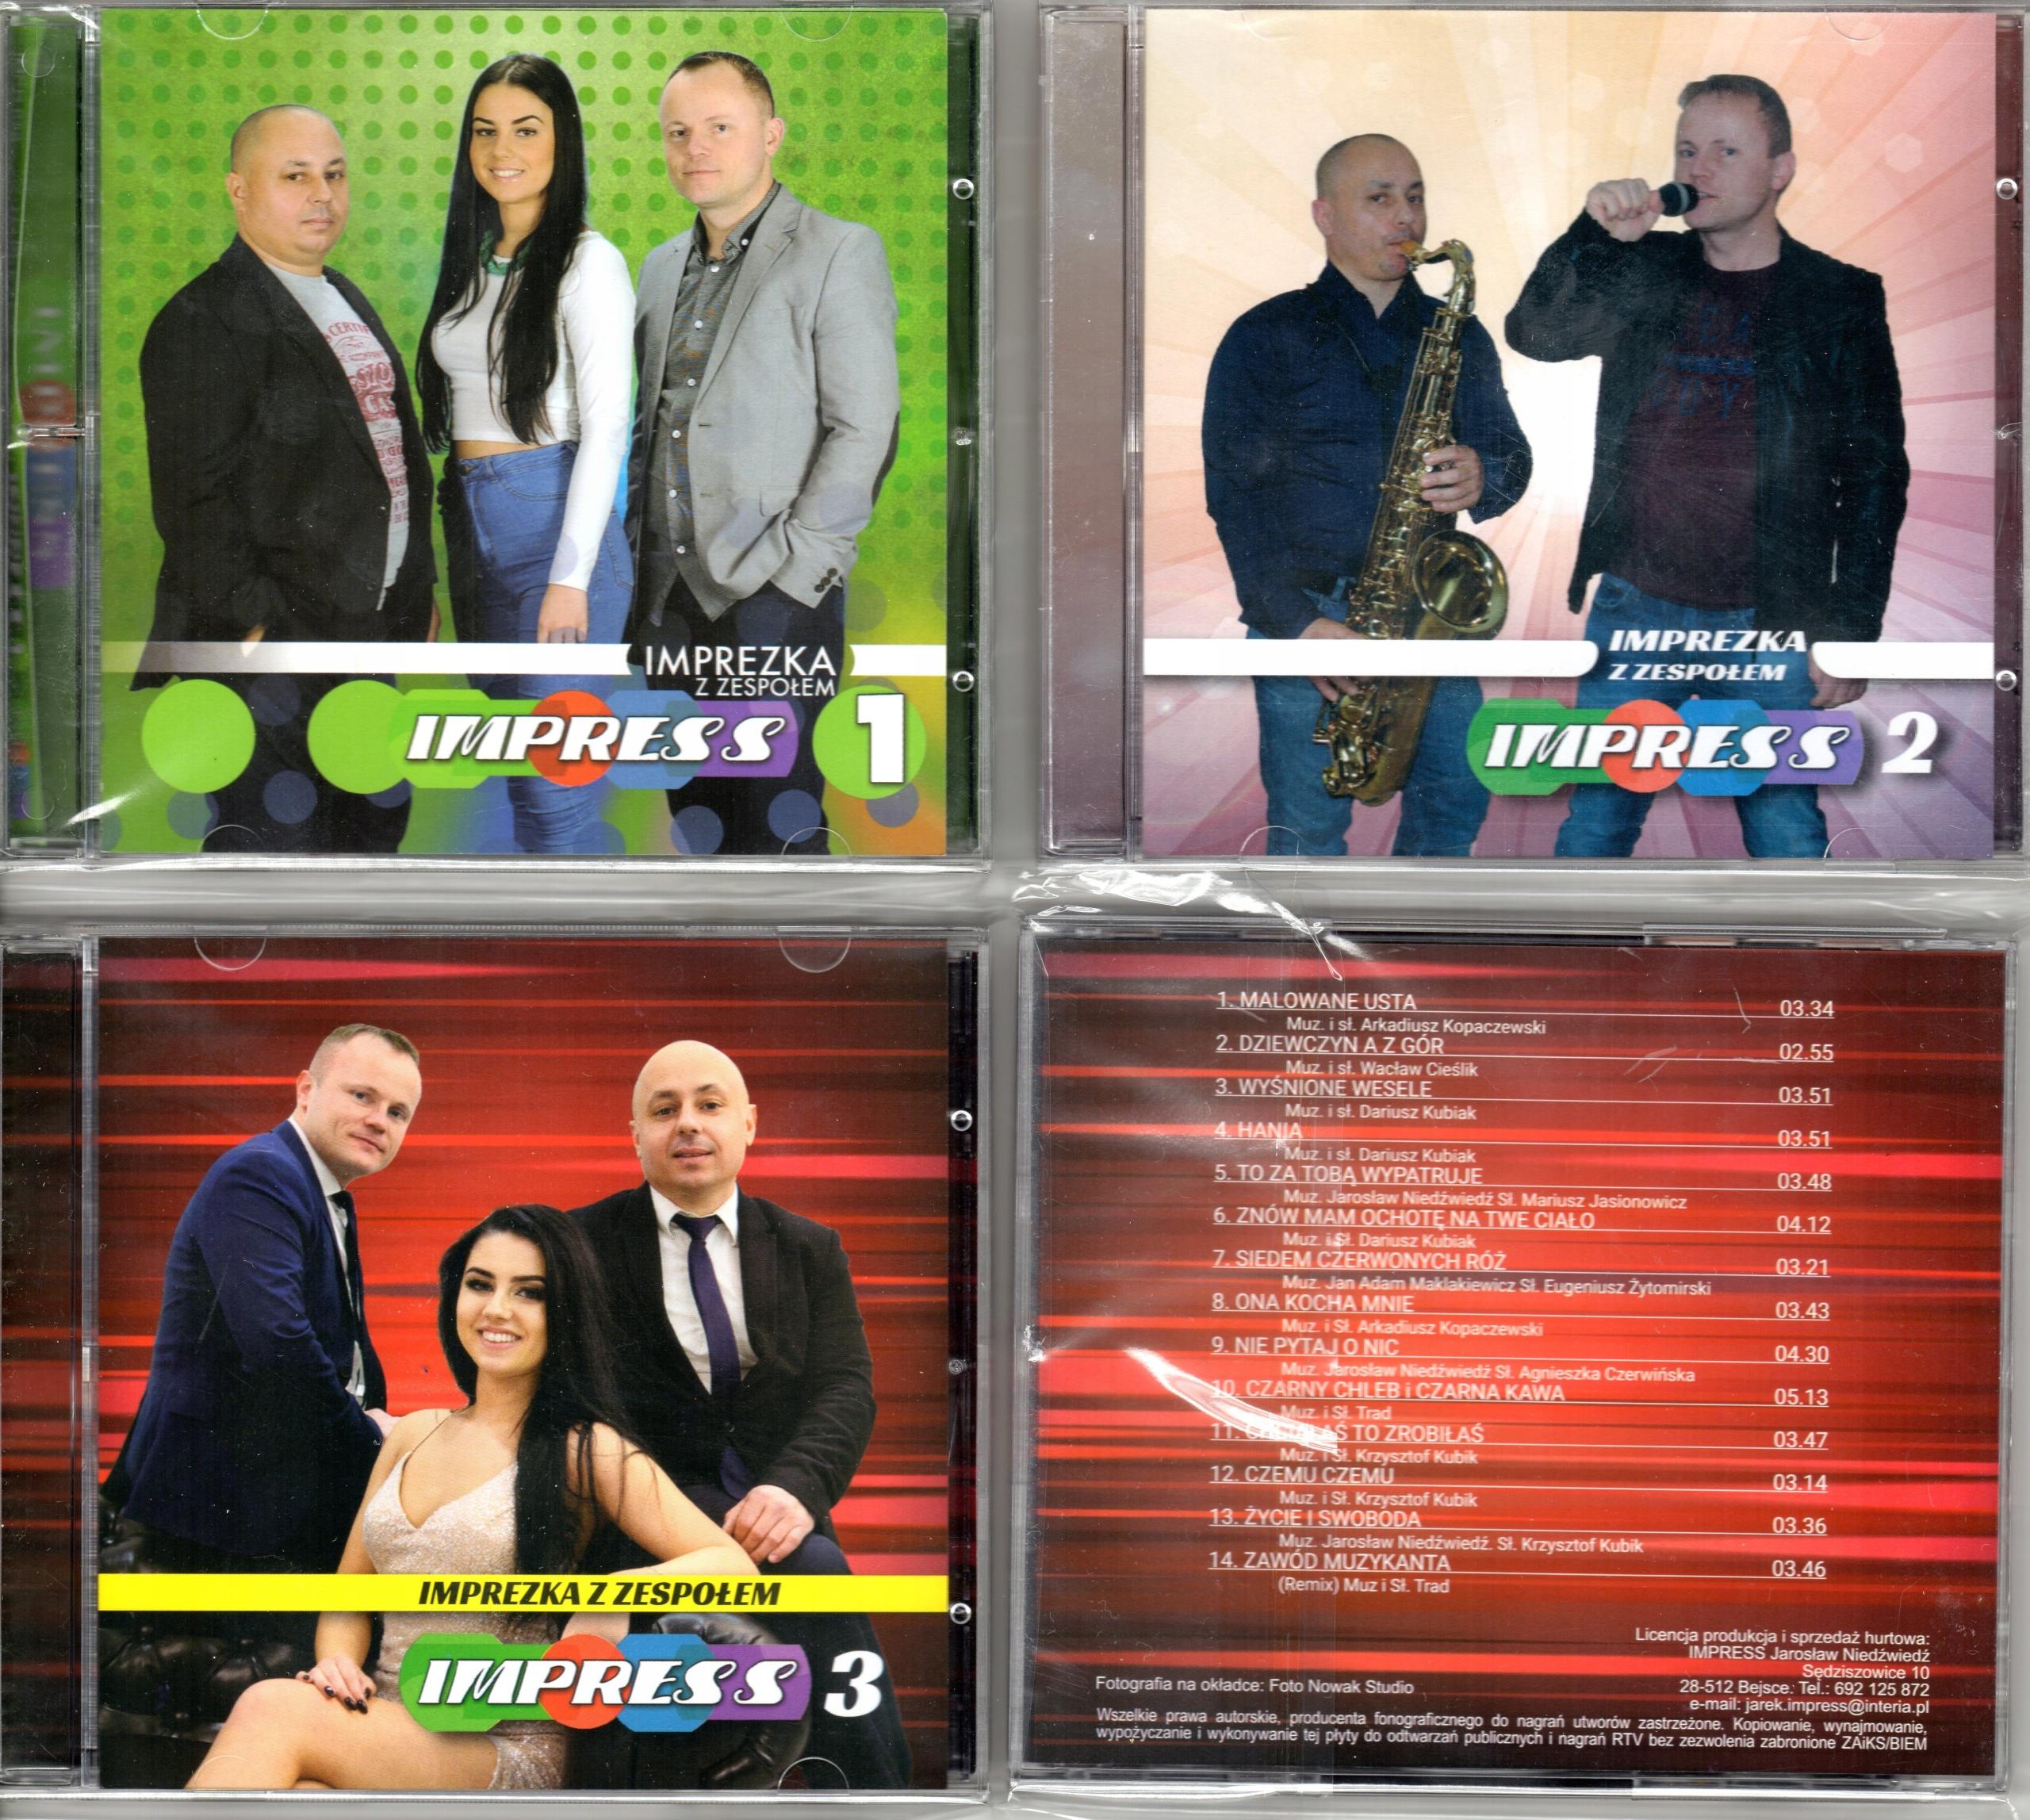 IMPREZKA Z ZESPOŁEM IMPRESS 3 CD